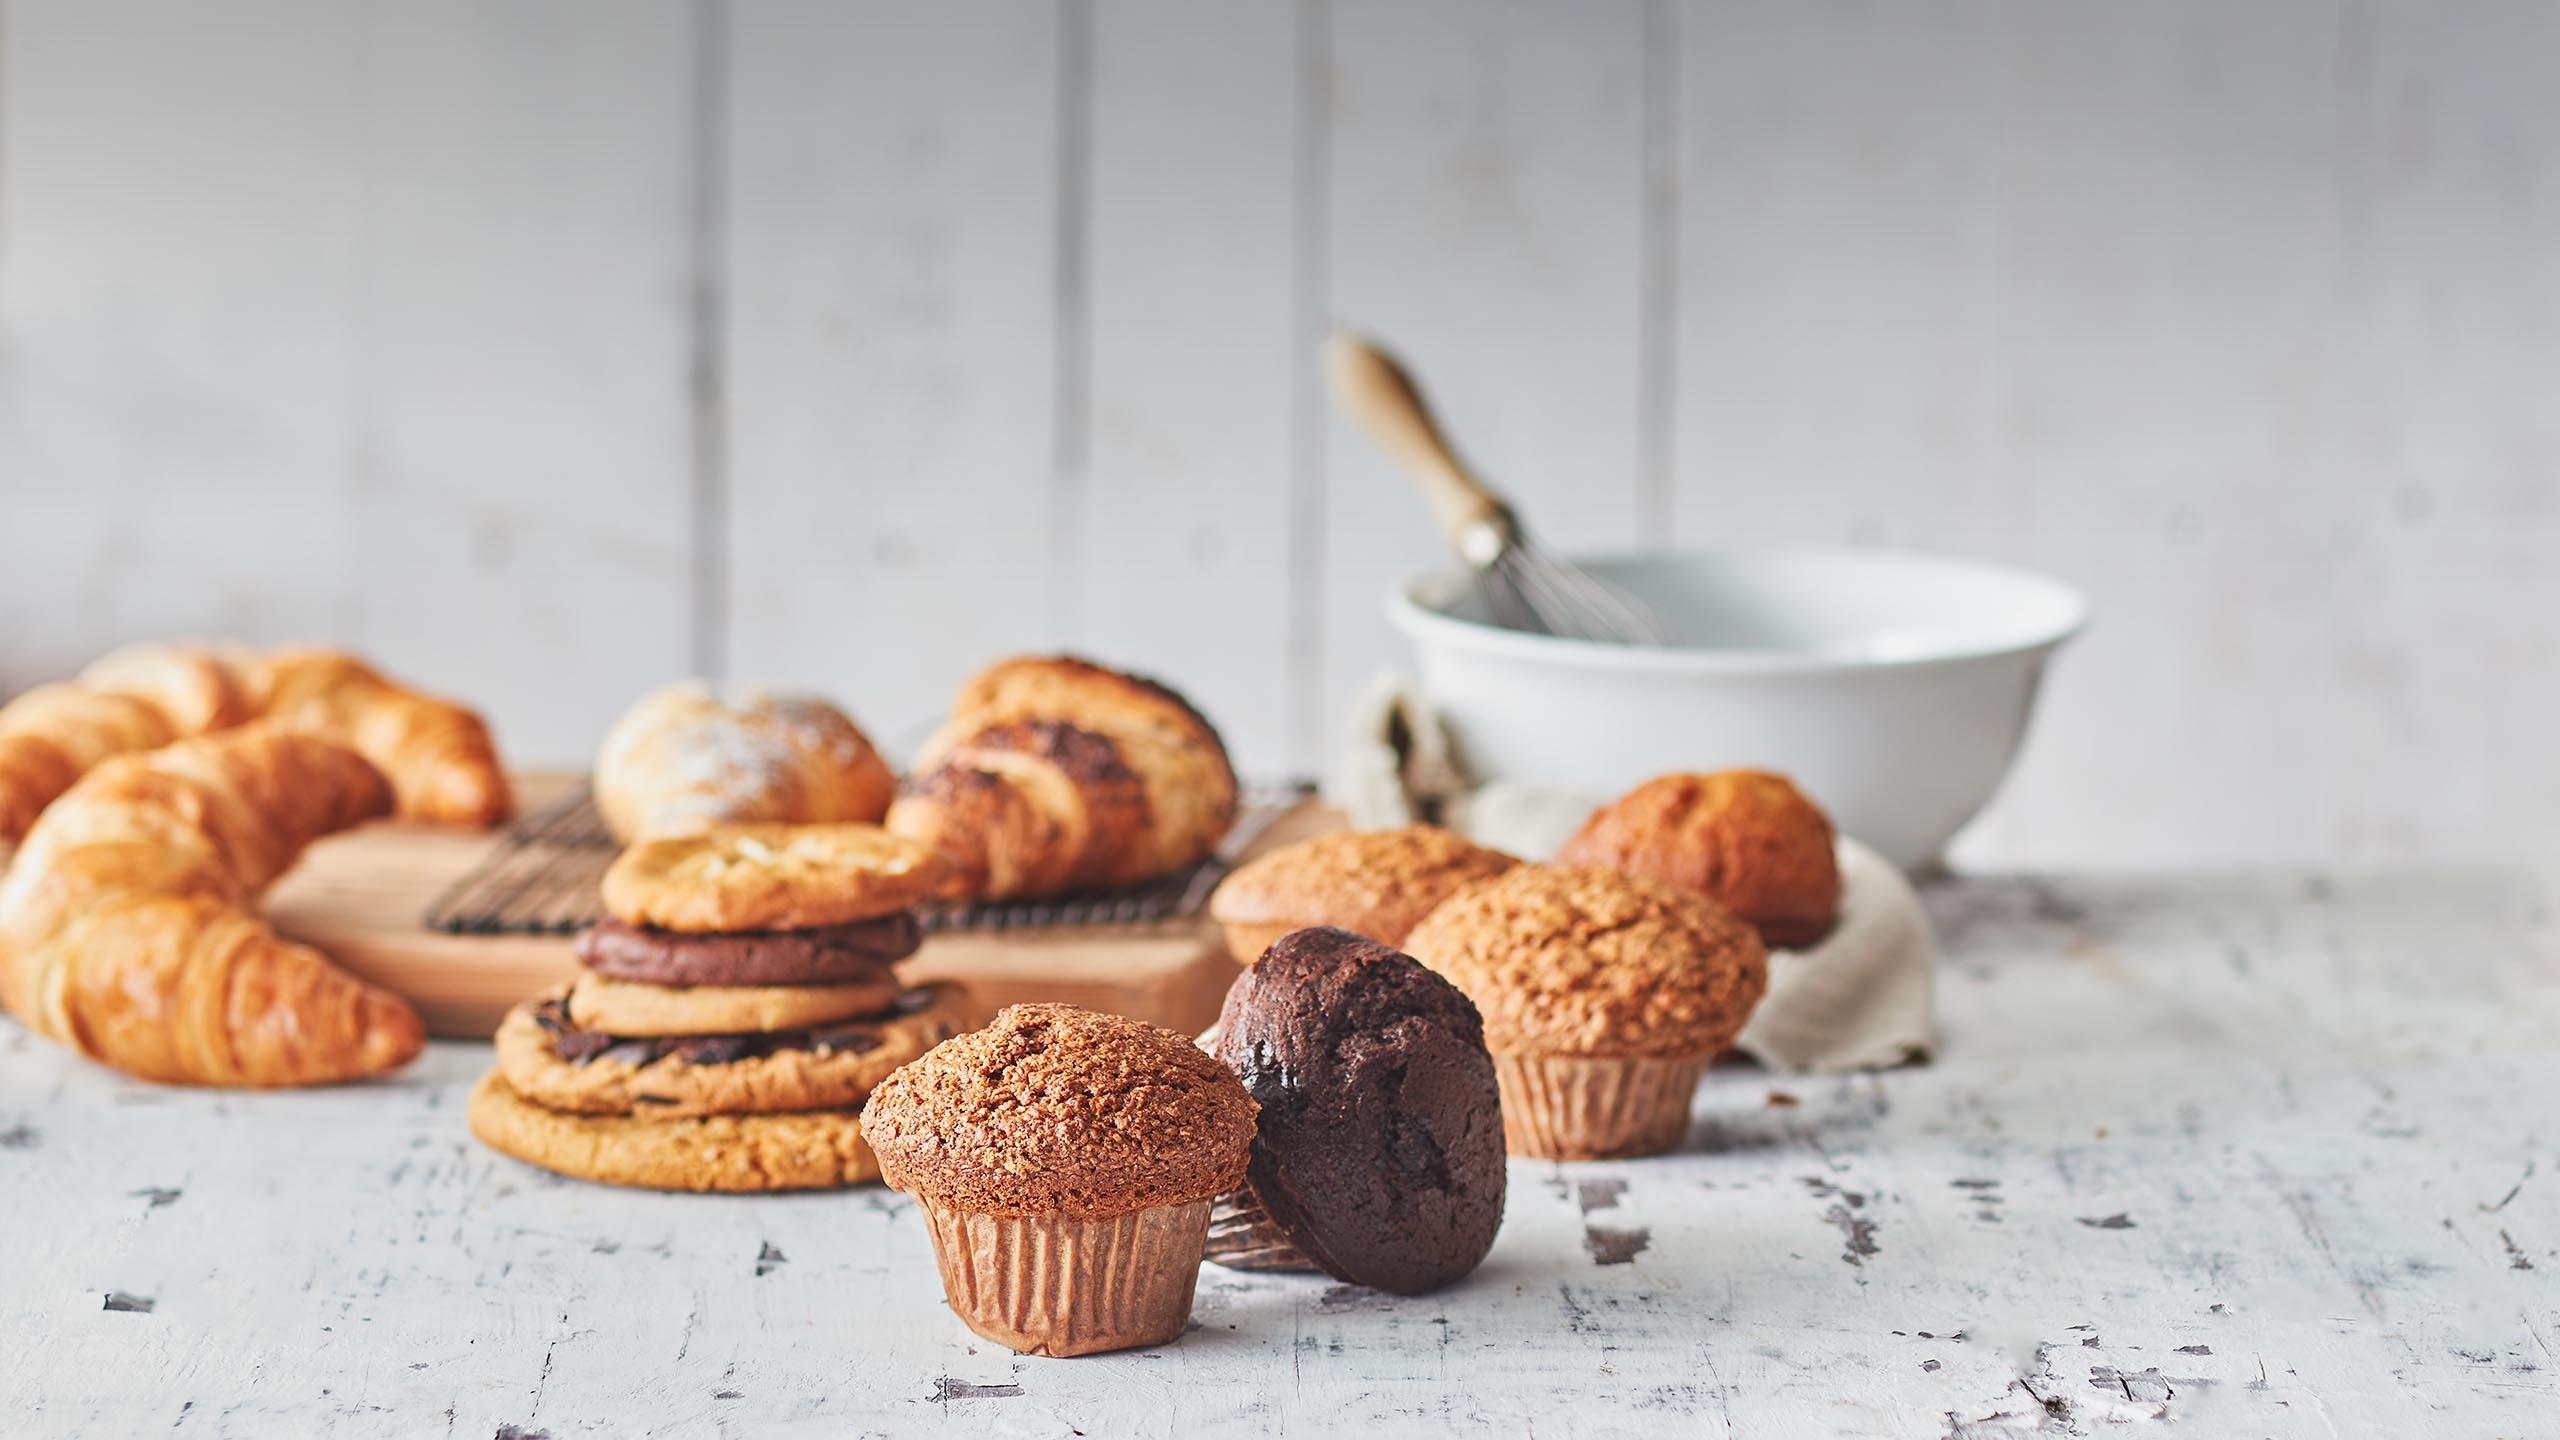 Muffin Plus Muffins